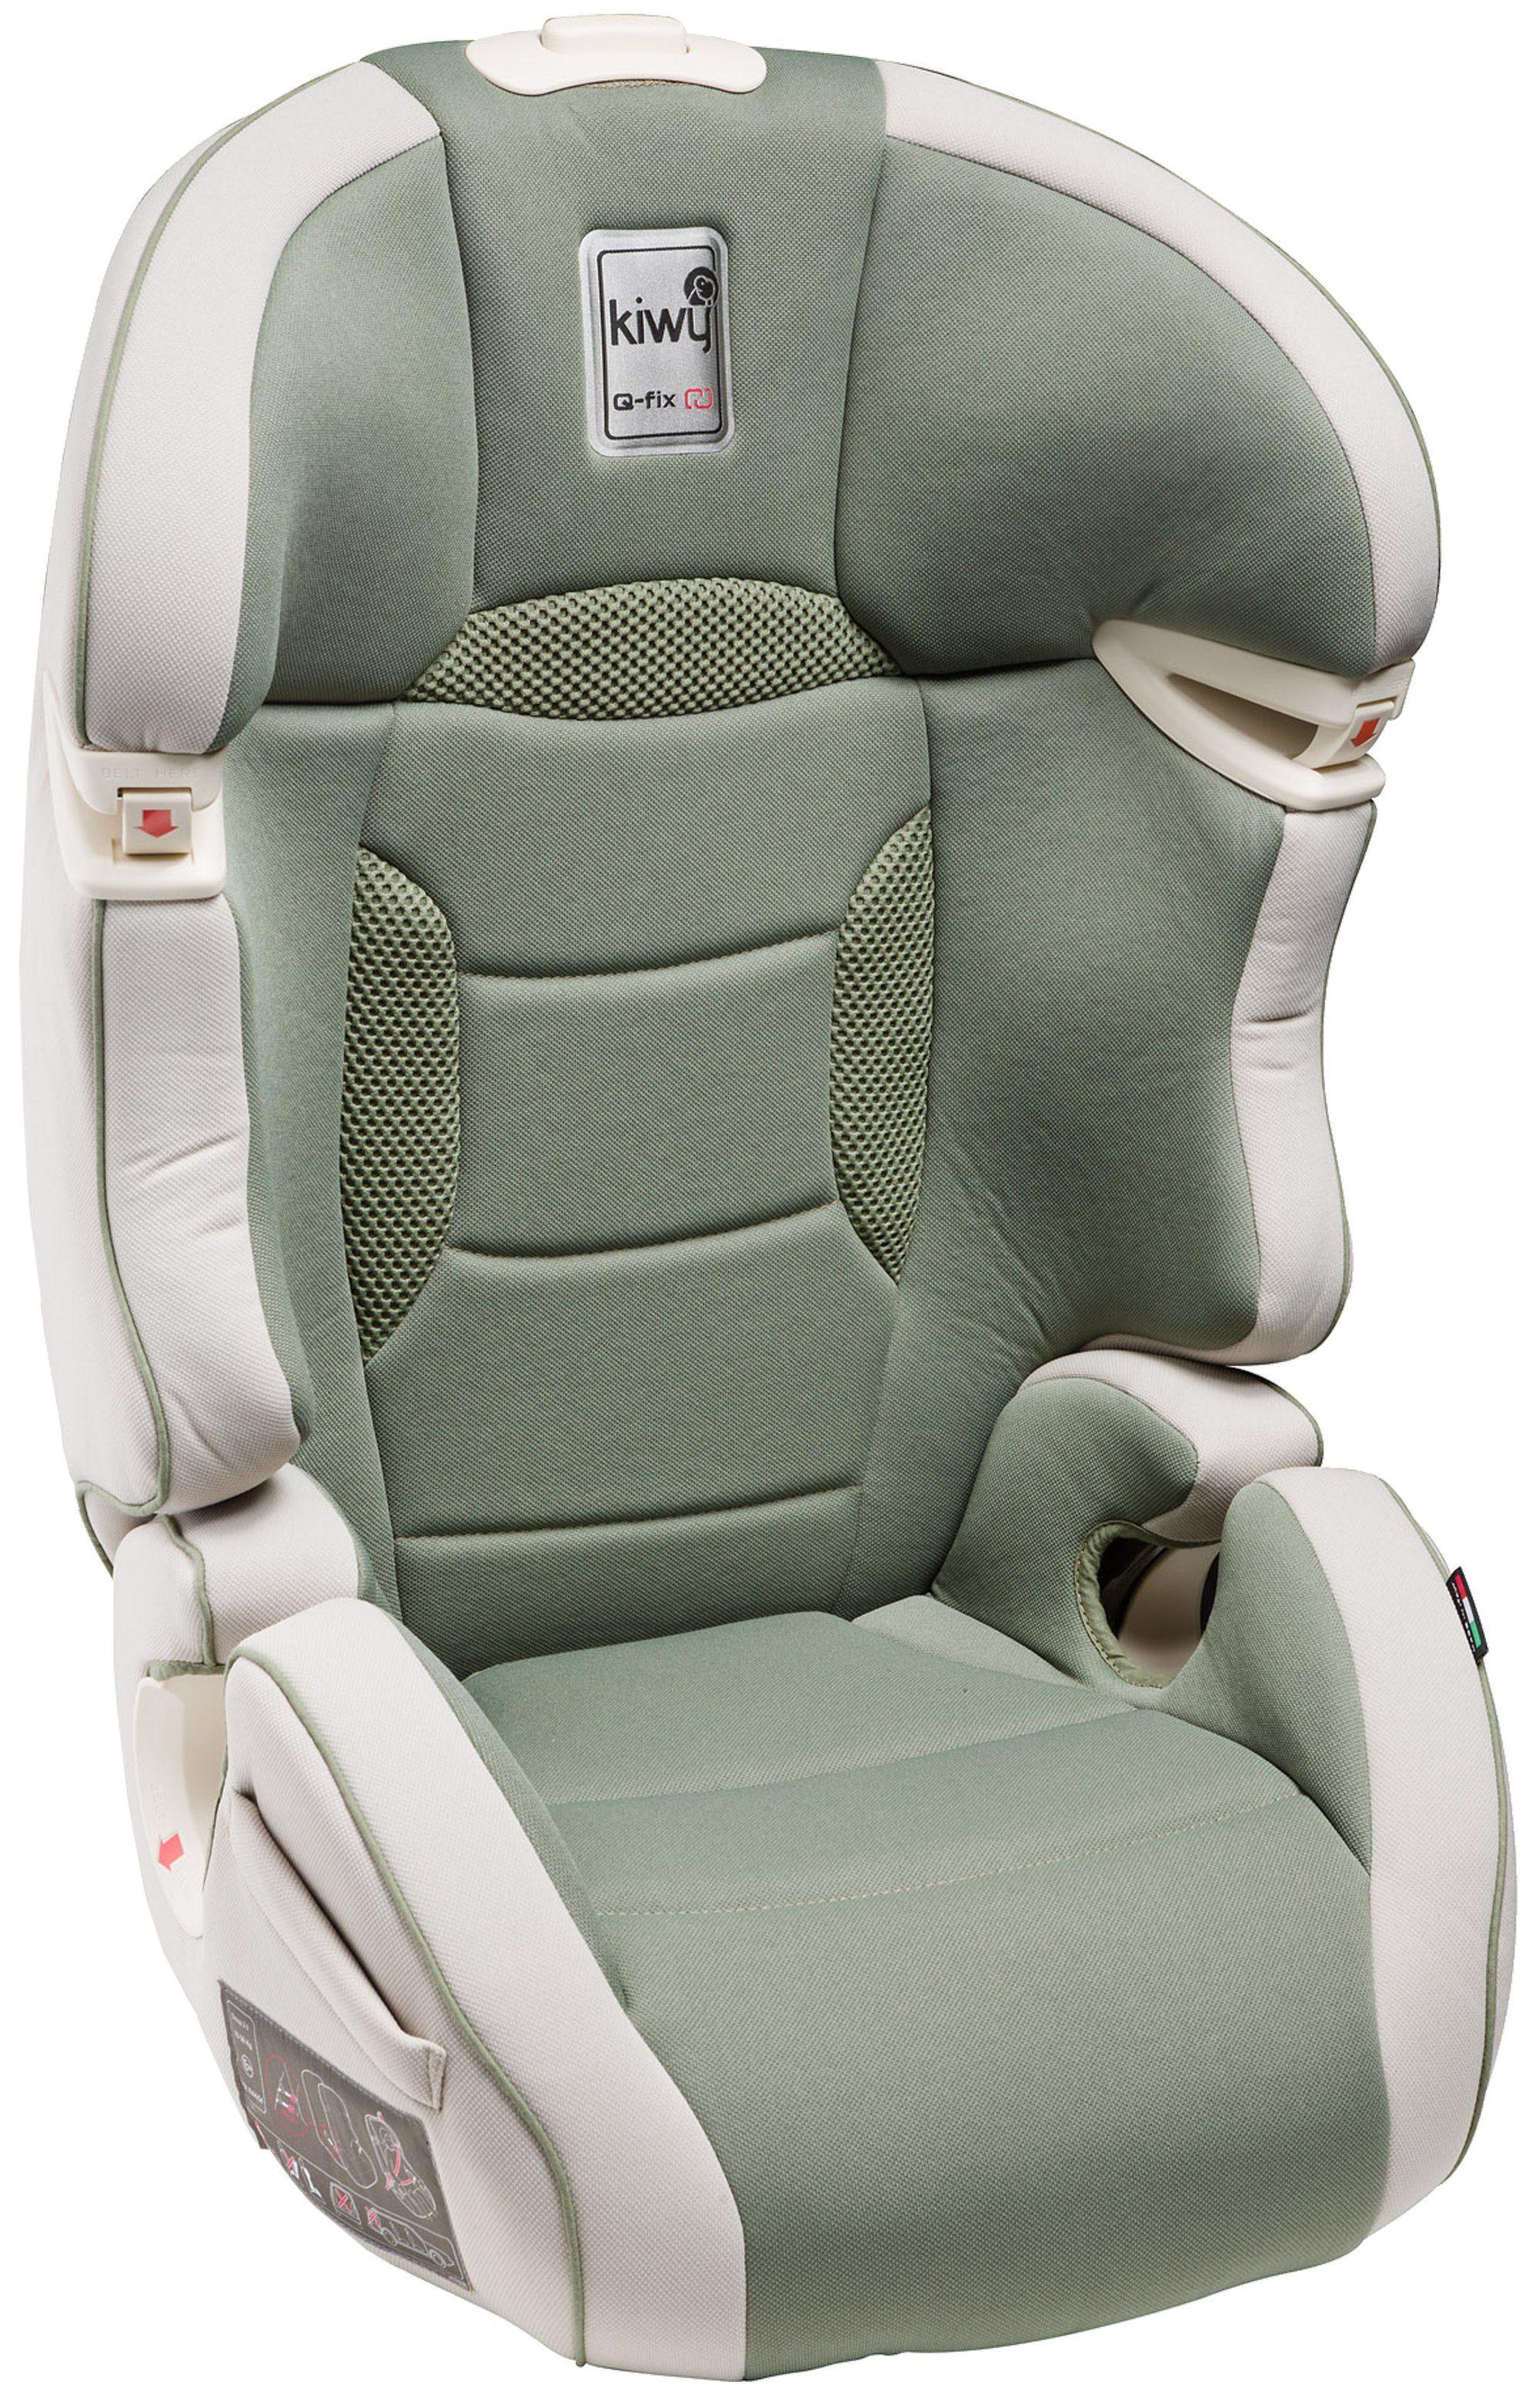 Kindersitz »SLF23«, mit Q-Fix Adapter für Isofix Haltepunkte im Auto, aloe